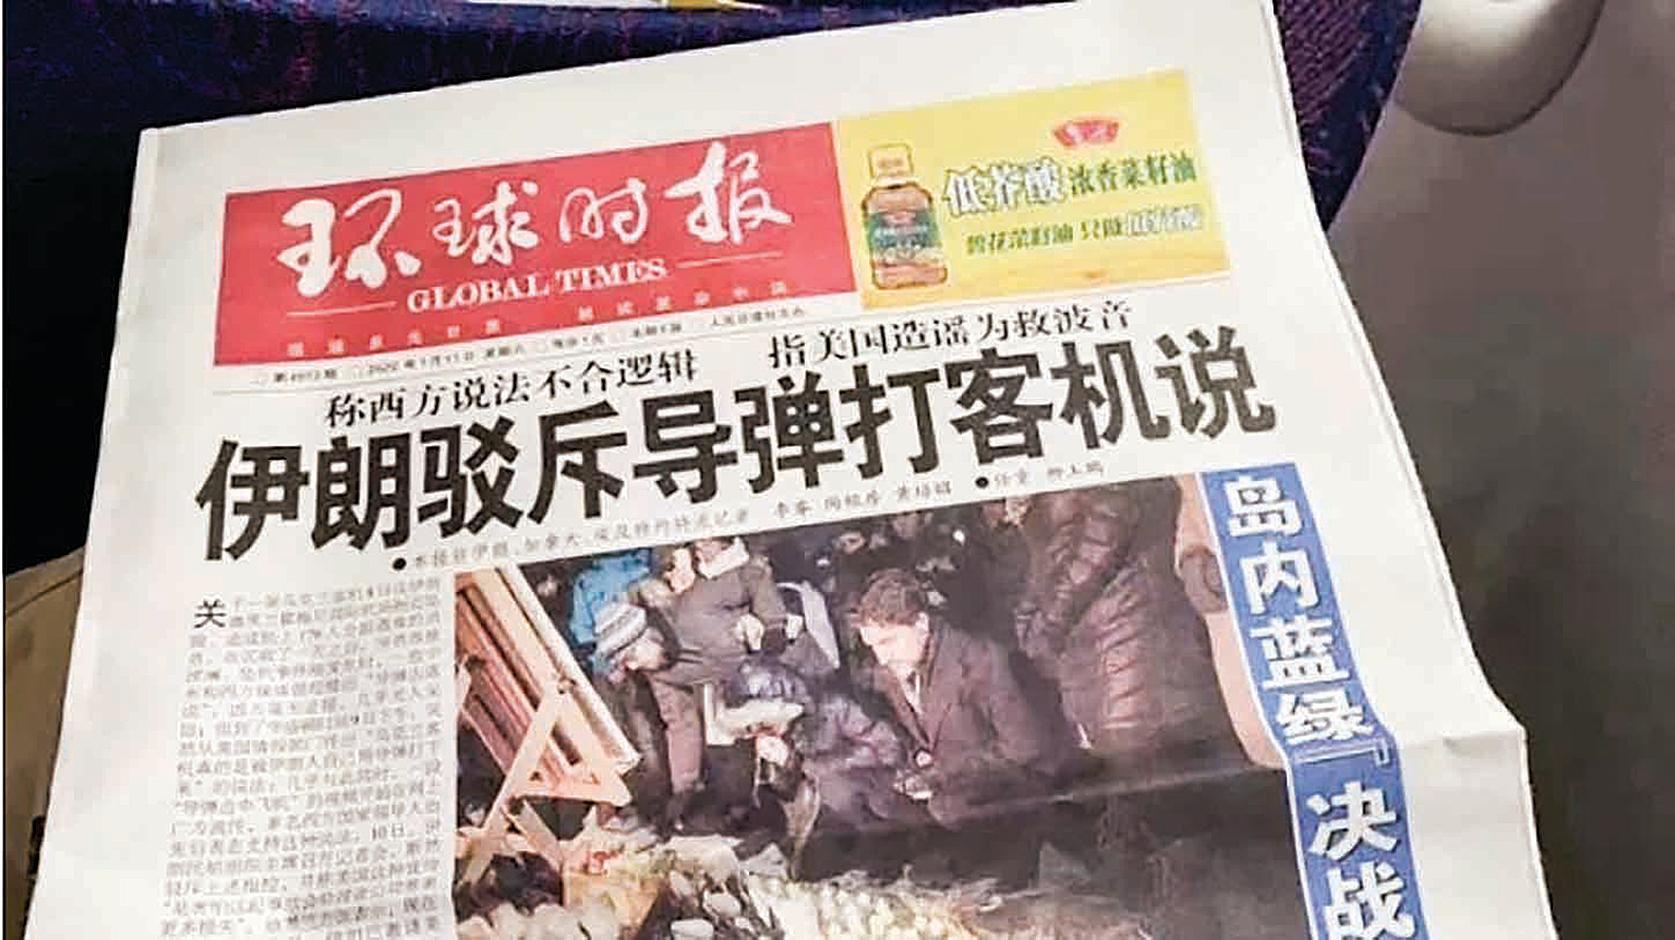 1月11日,《環球時報》頭版刊文否認伊朗導彈擊落烏克蘭客機的事實,不料遭伊朗官方「主動認錯」打臉。(微博圖片)